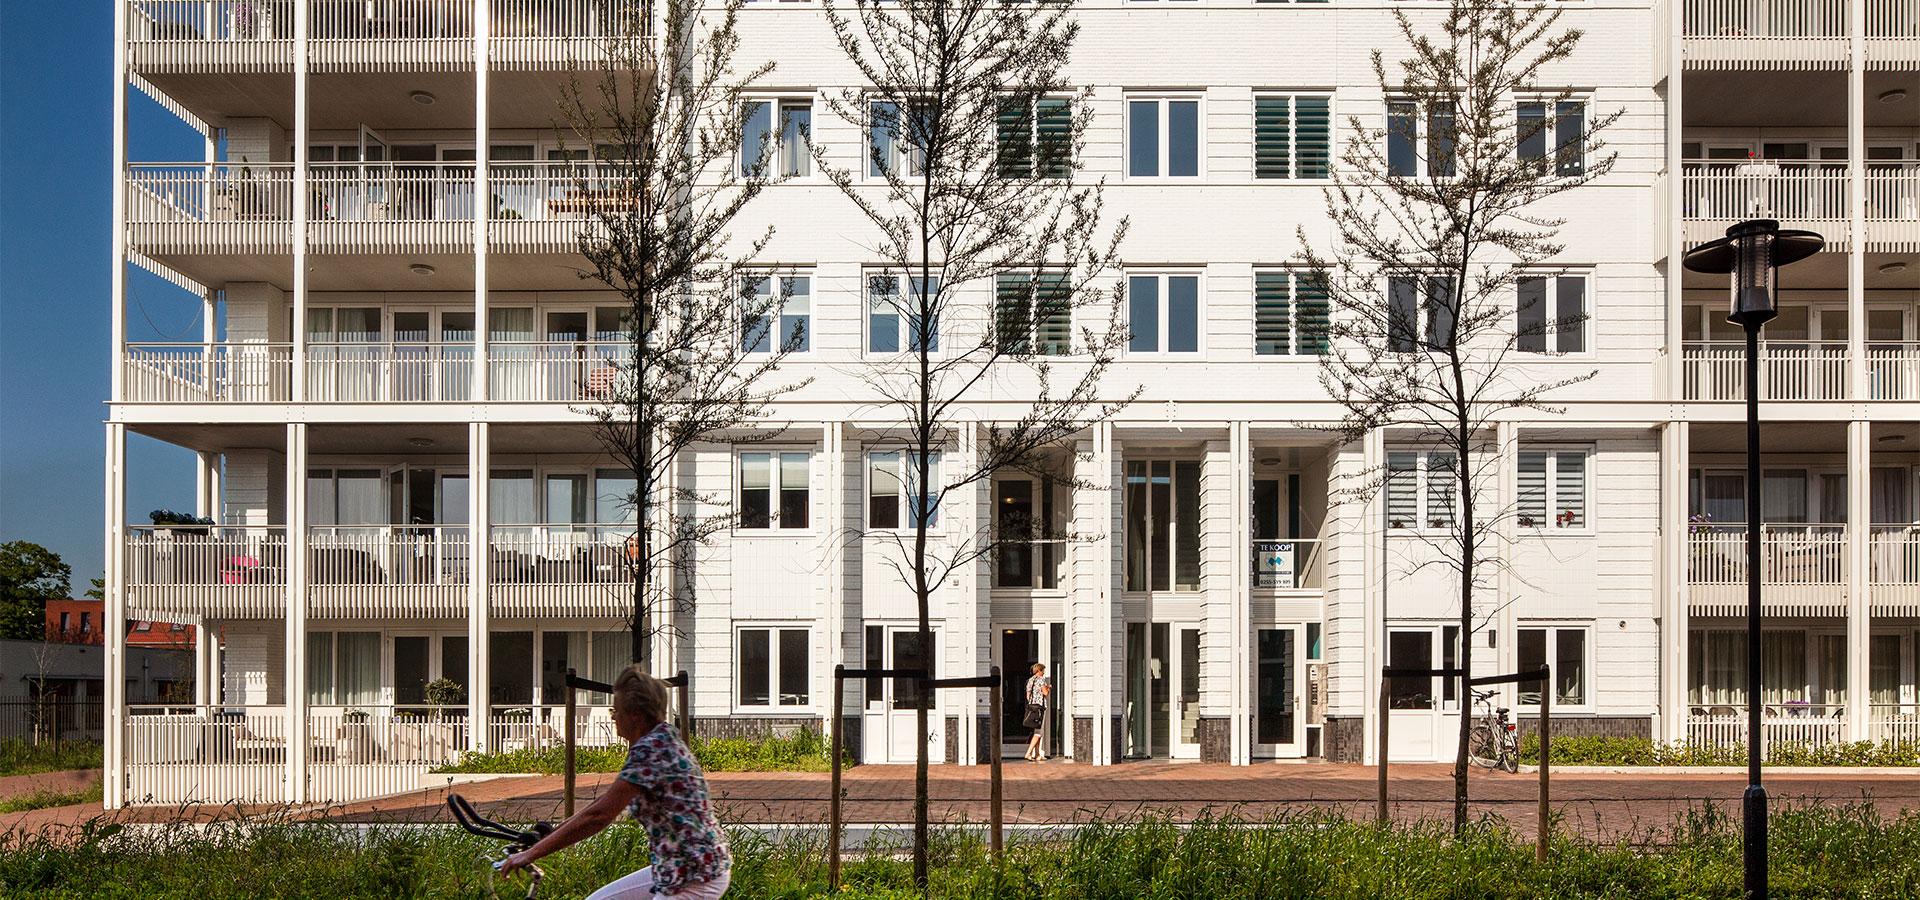 FARO architecten Binnenhaven blok 4 en 5 IJmuiden 03